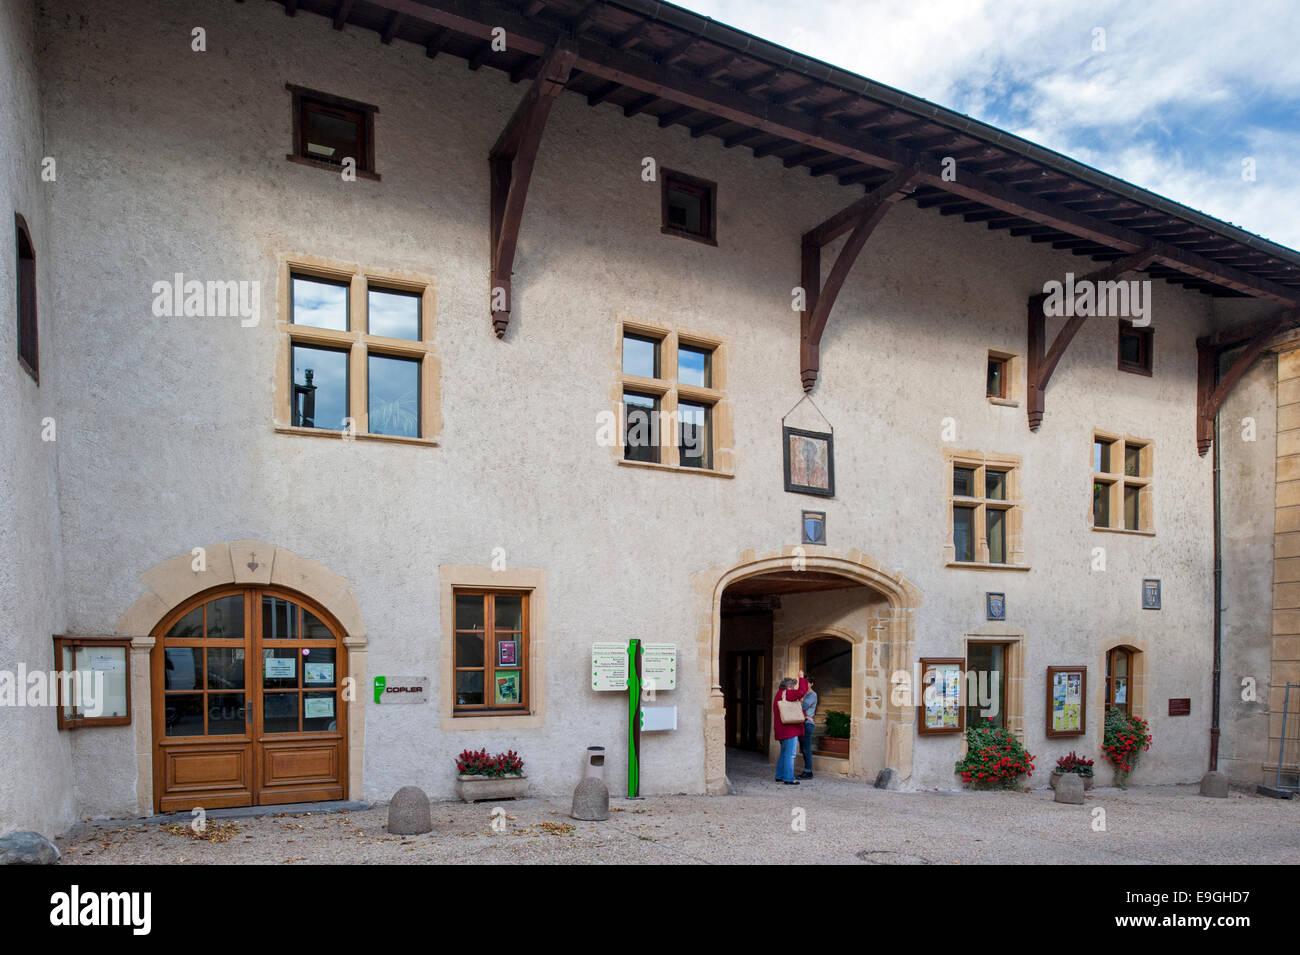 Das mittelalterliche Gasthaus Auberge De La Tête Noire in Saint-Symphorien-de-Lay, Rhône-Alpes, Frankreich, Europa Stockfoto